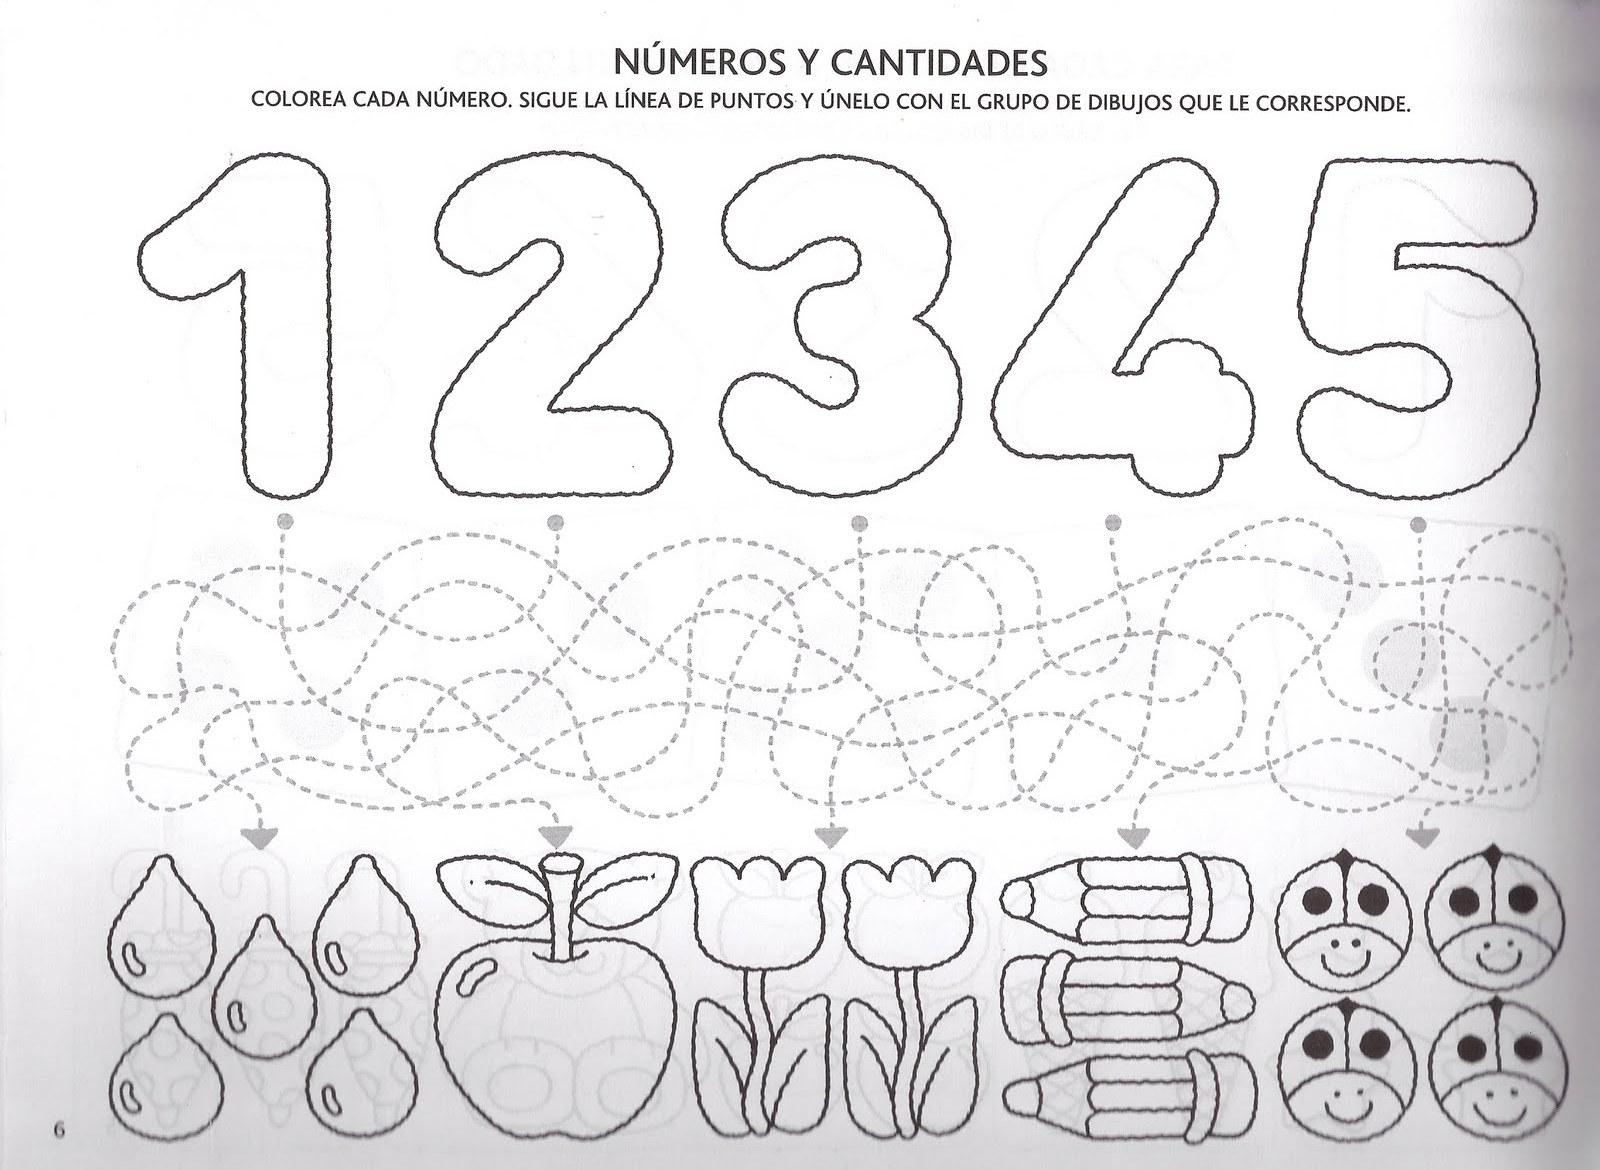 DeSCuBRo LoS NúMeRoS PDF